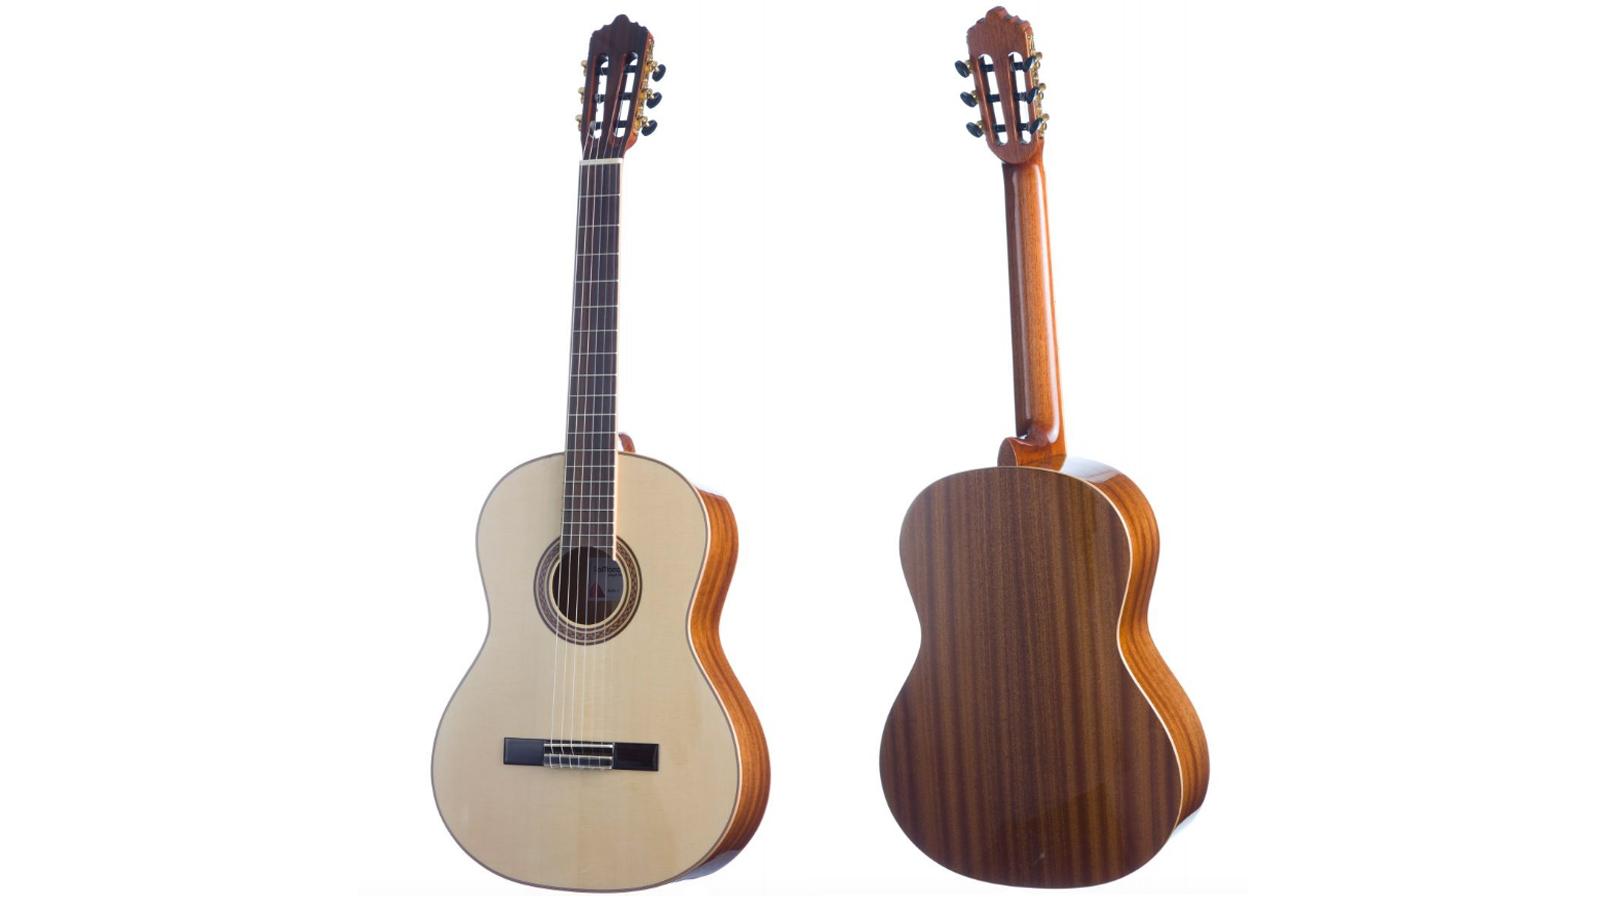 La Mancha Rubi S 59 Konzertgitarre 3/4